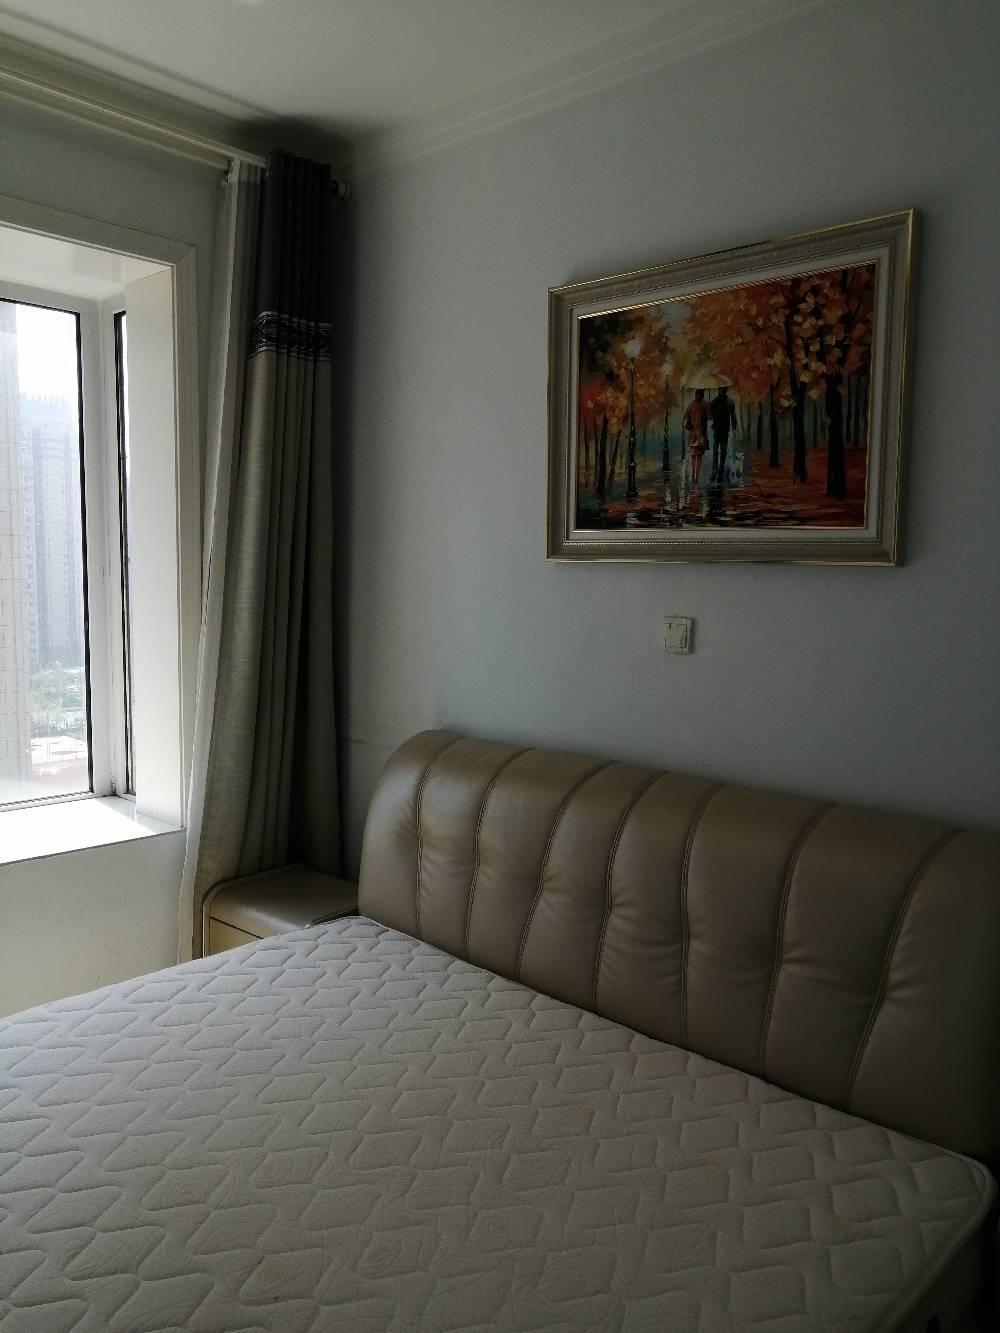 昌润莲城精装三室两厅两卫出租,带车位,精装修,家具家电齐全